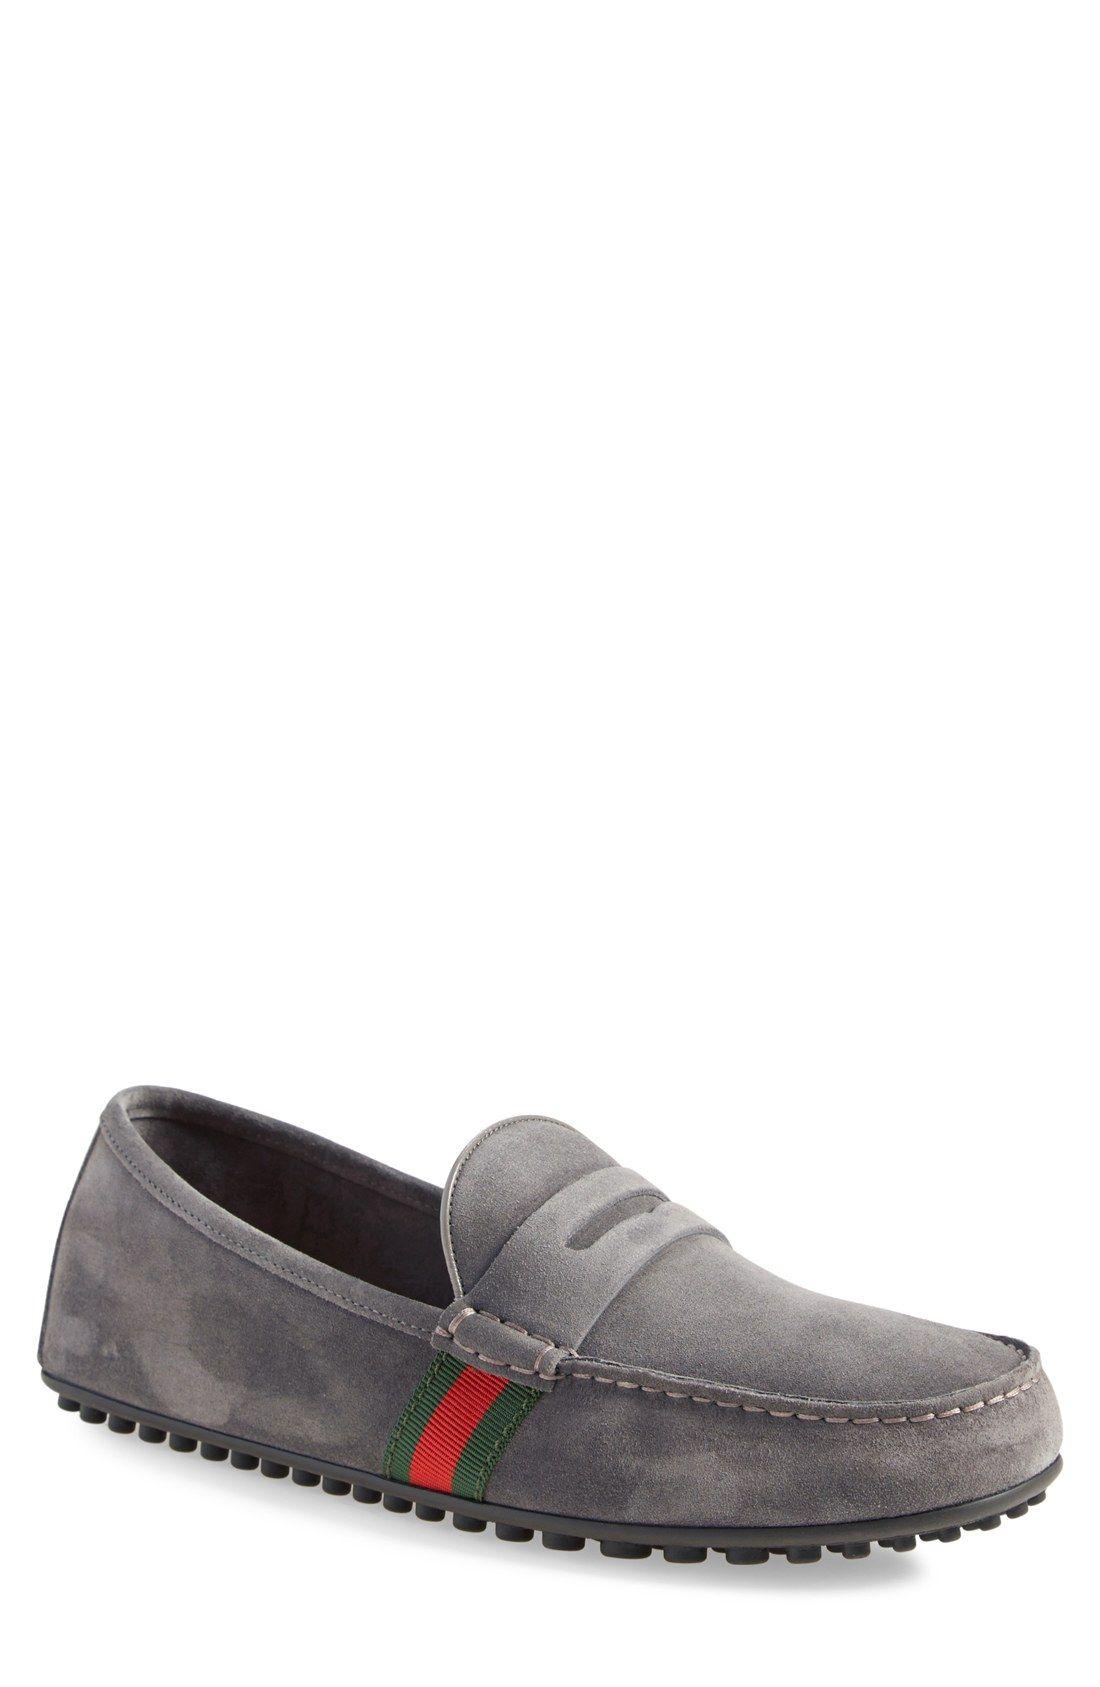 af7a59491 Gucci 'Kanye' Driving Shoe (Men) | Travel Style - Men's Shoes ...